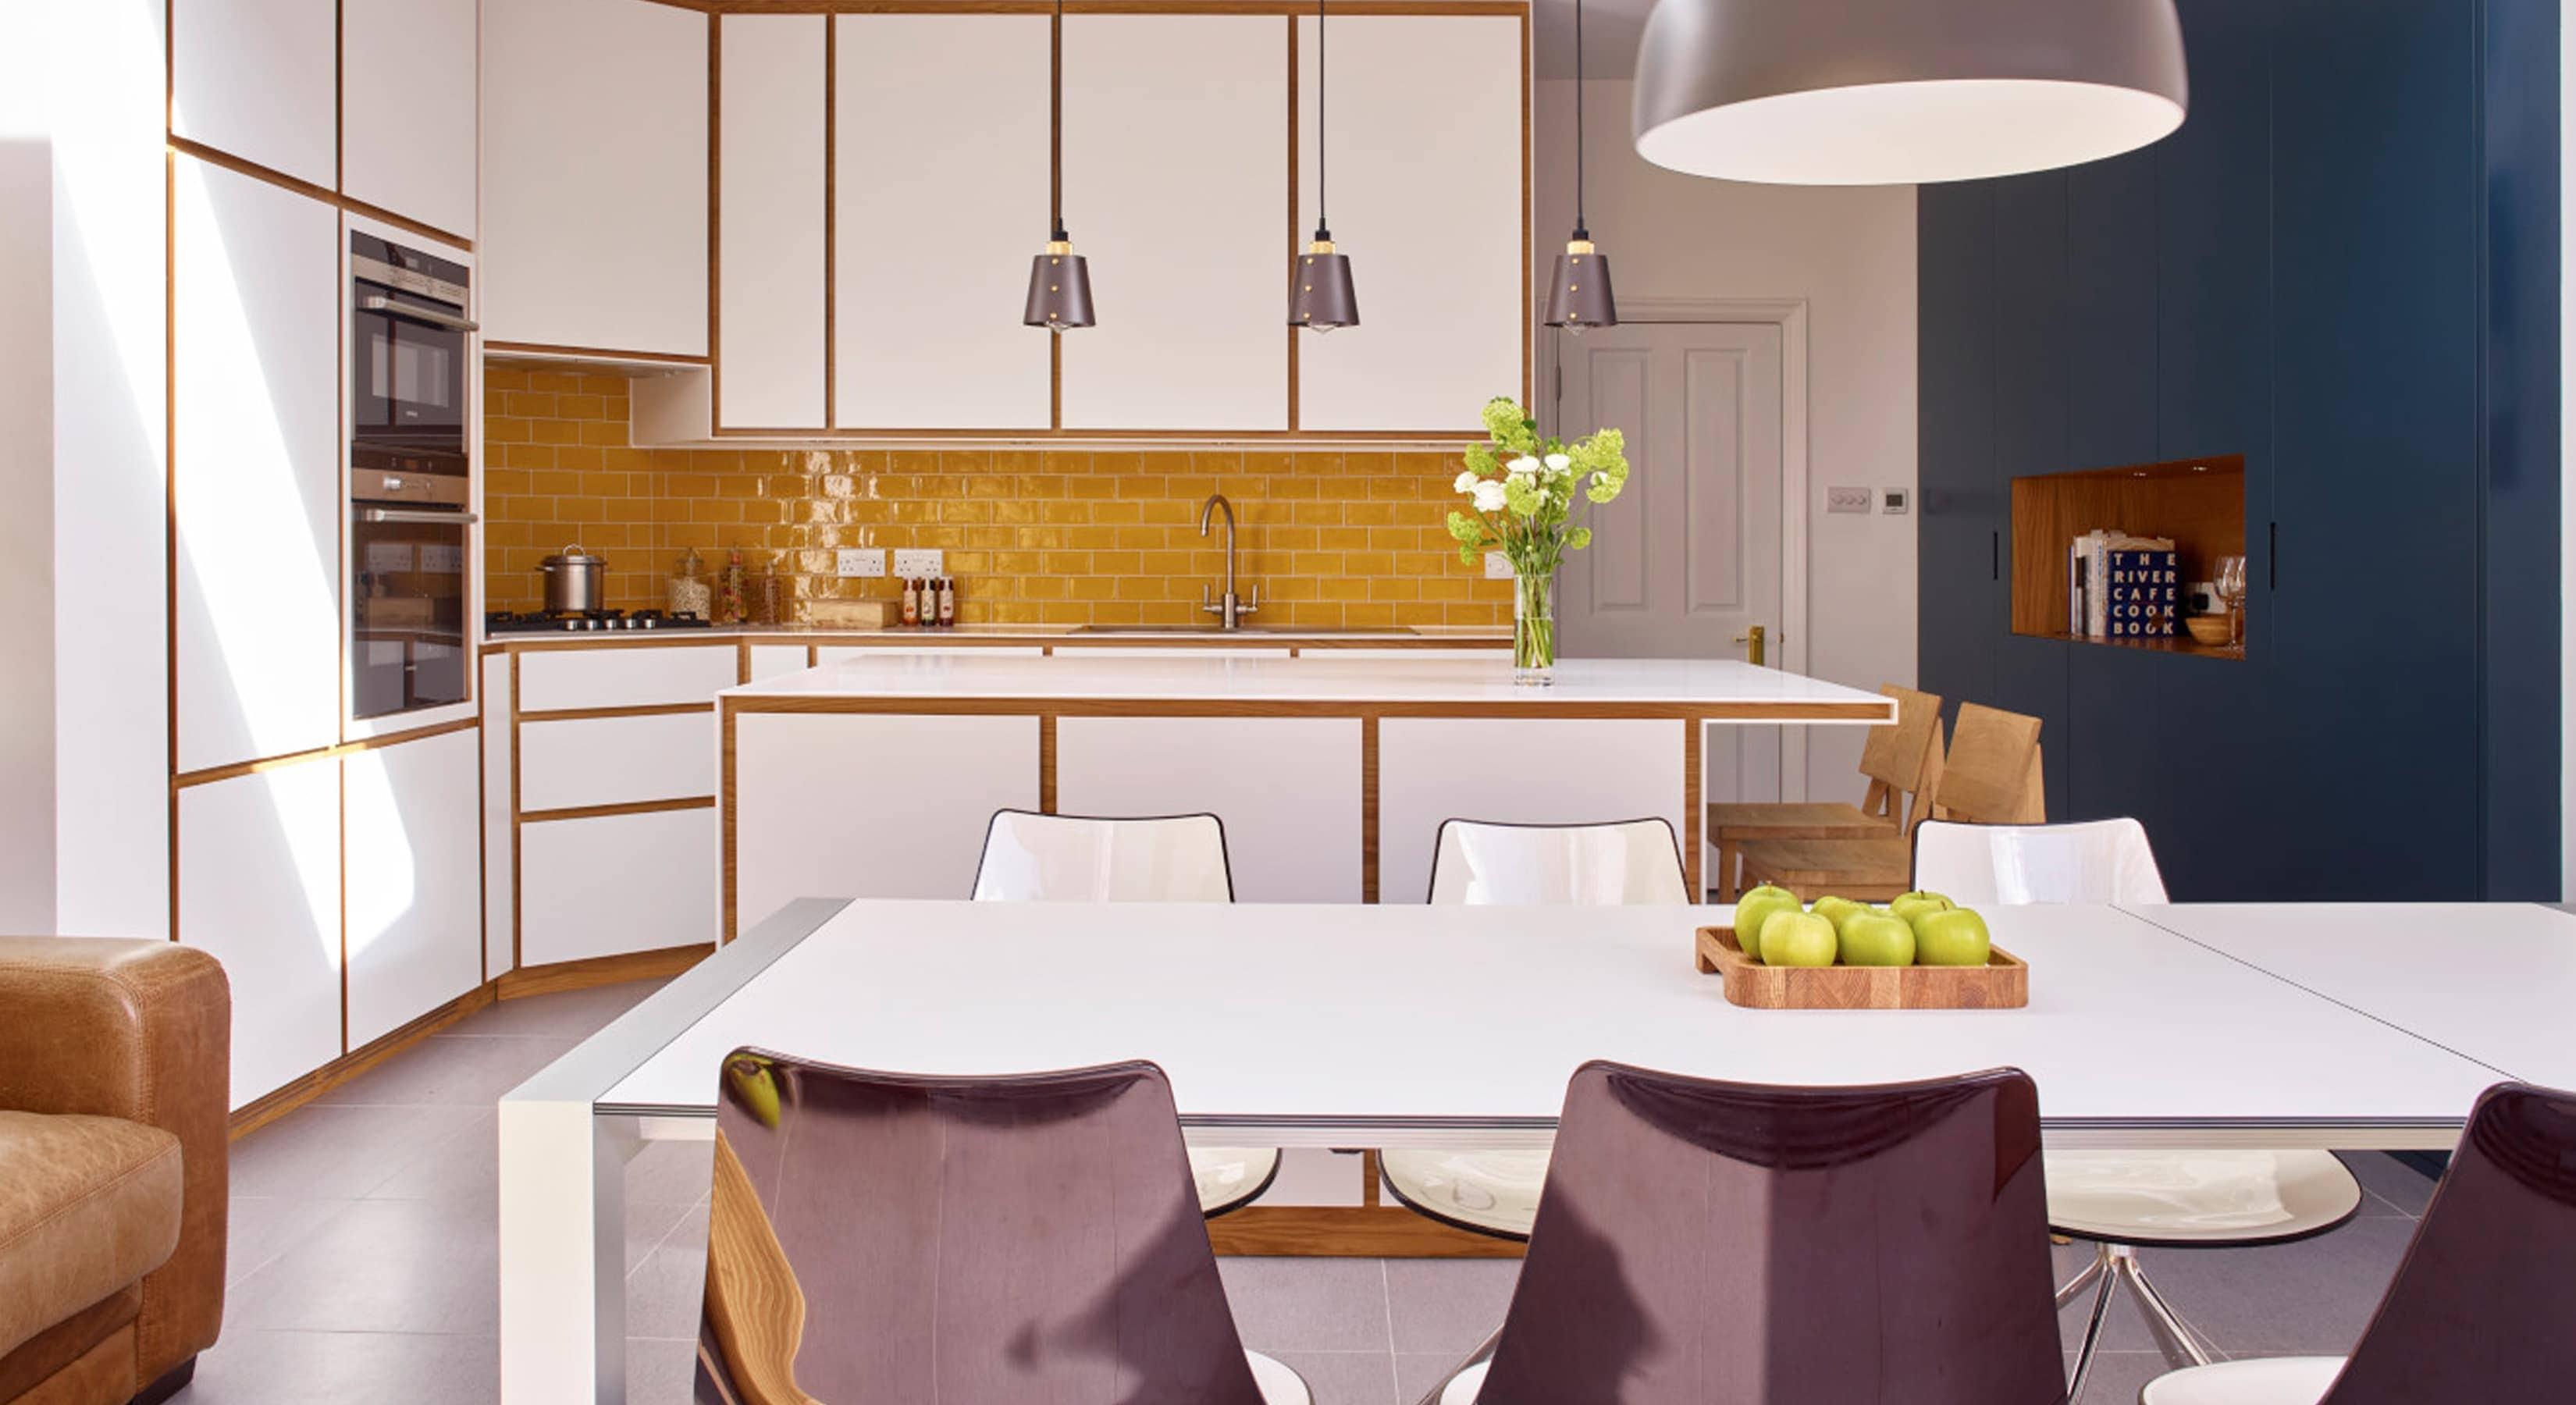 Moulds kitchen extension concept